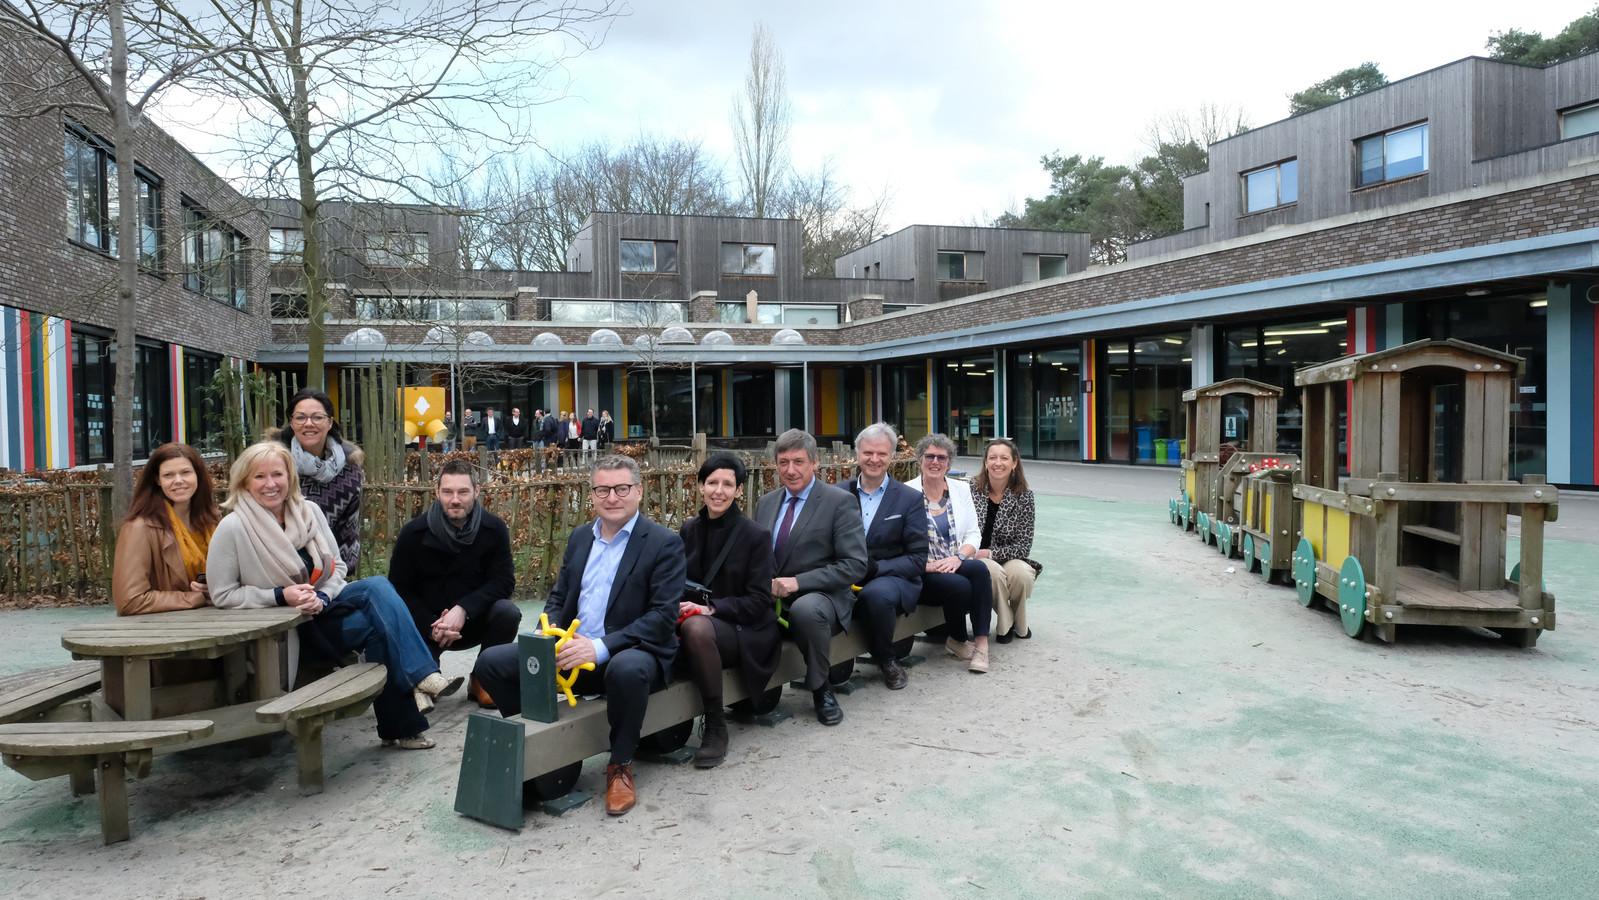 Koen Van Den Heuvel, burgemeester Jan Jambon en Dirk de Kort op de speelplaats van de school in Mariaburg.